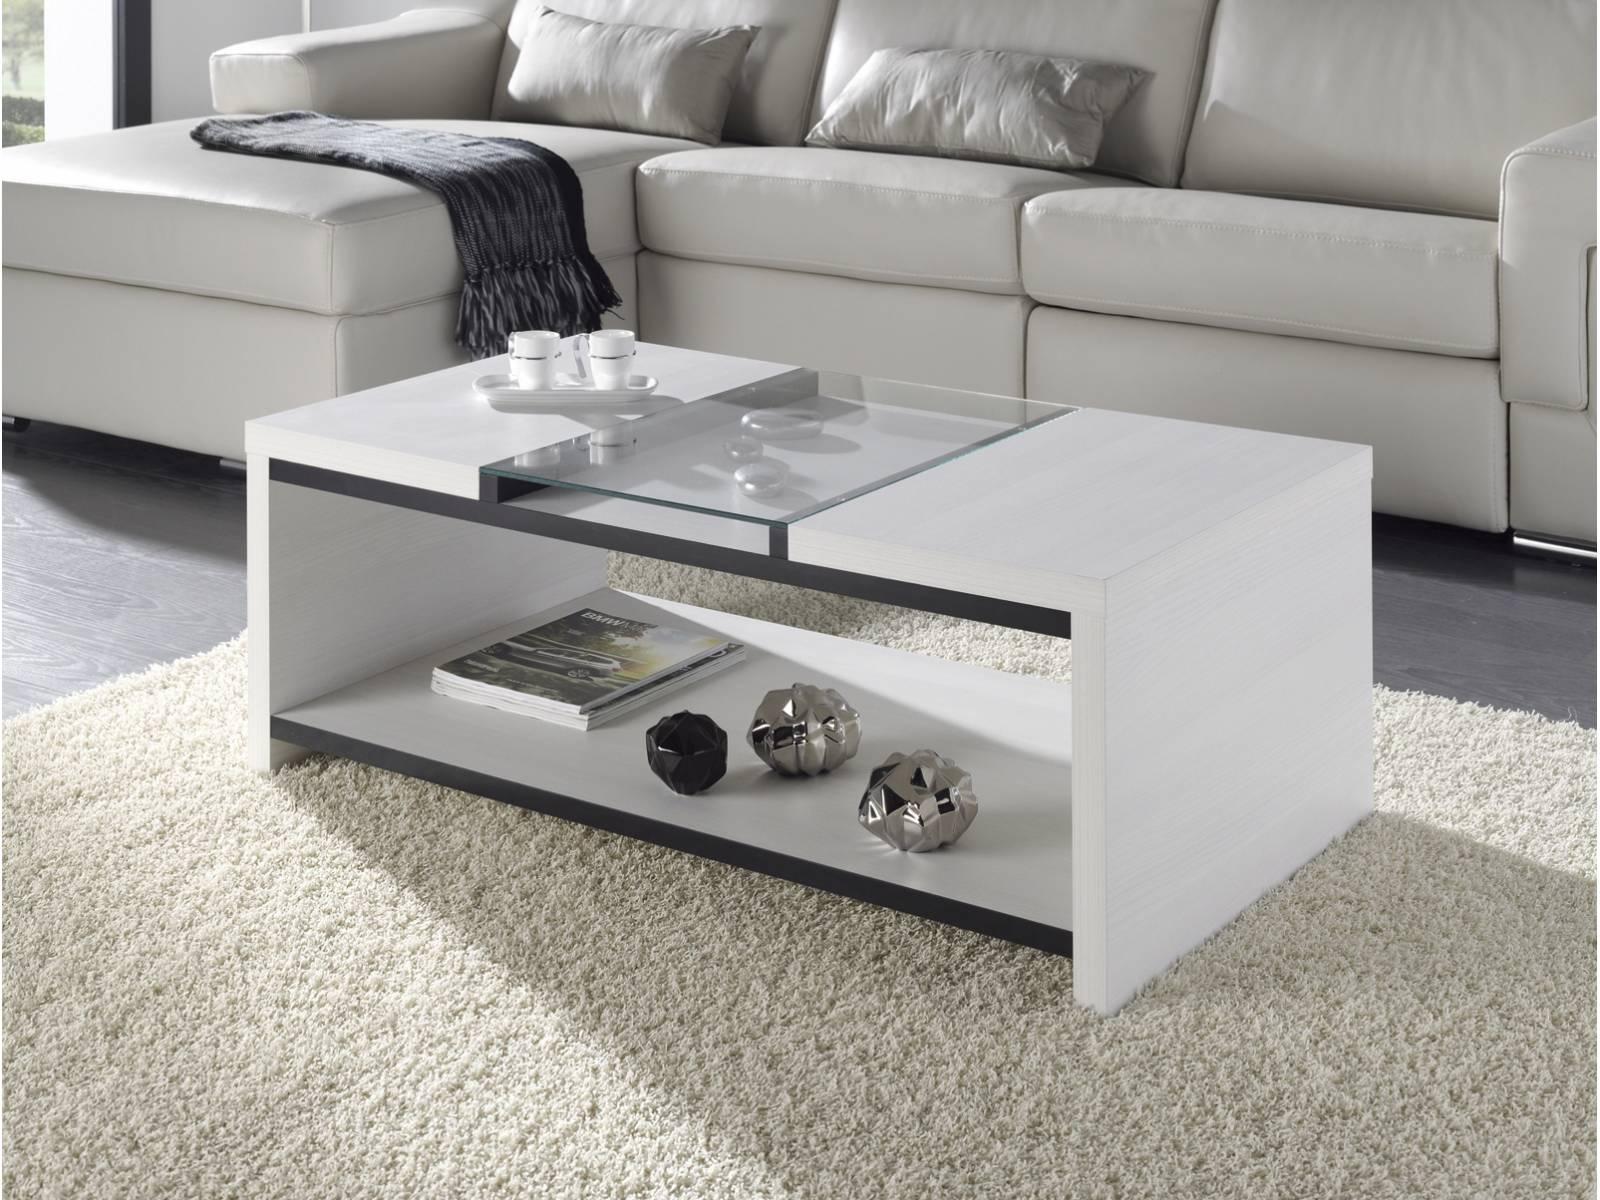 ▷ Merkamueble, dedicados a la venta de muebles | Prodecoracion